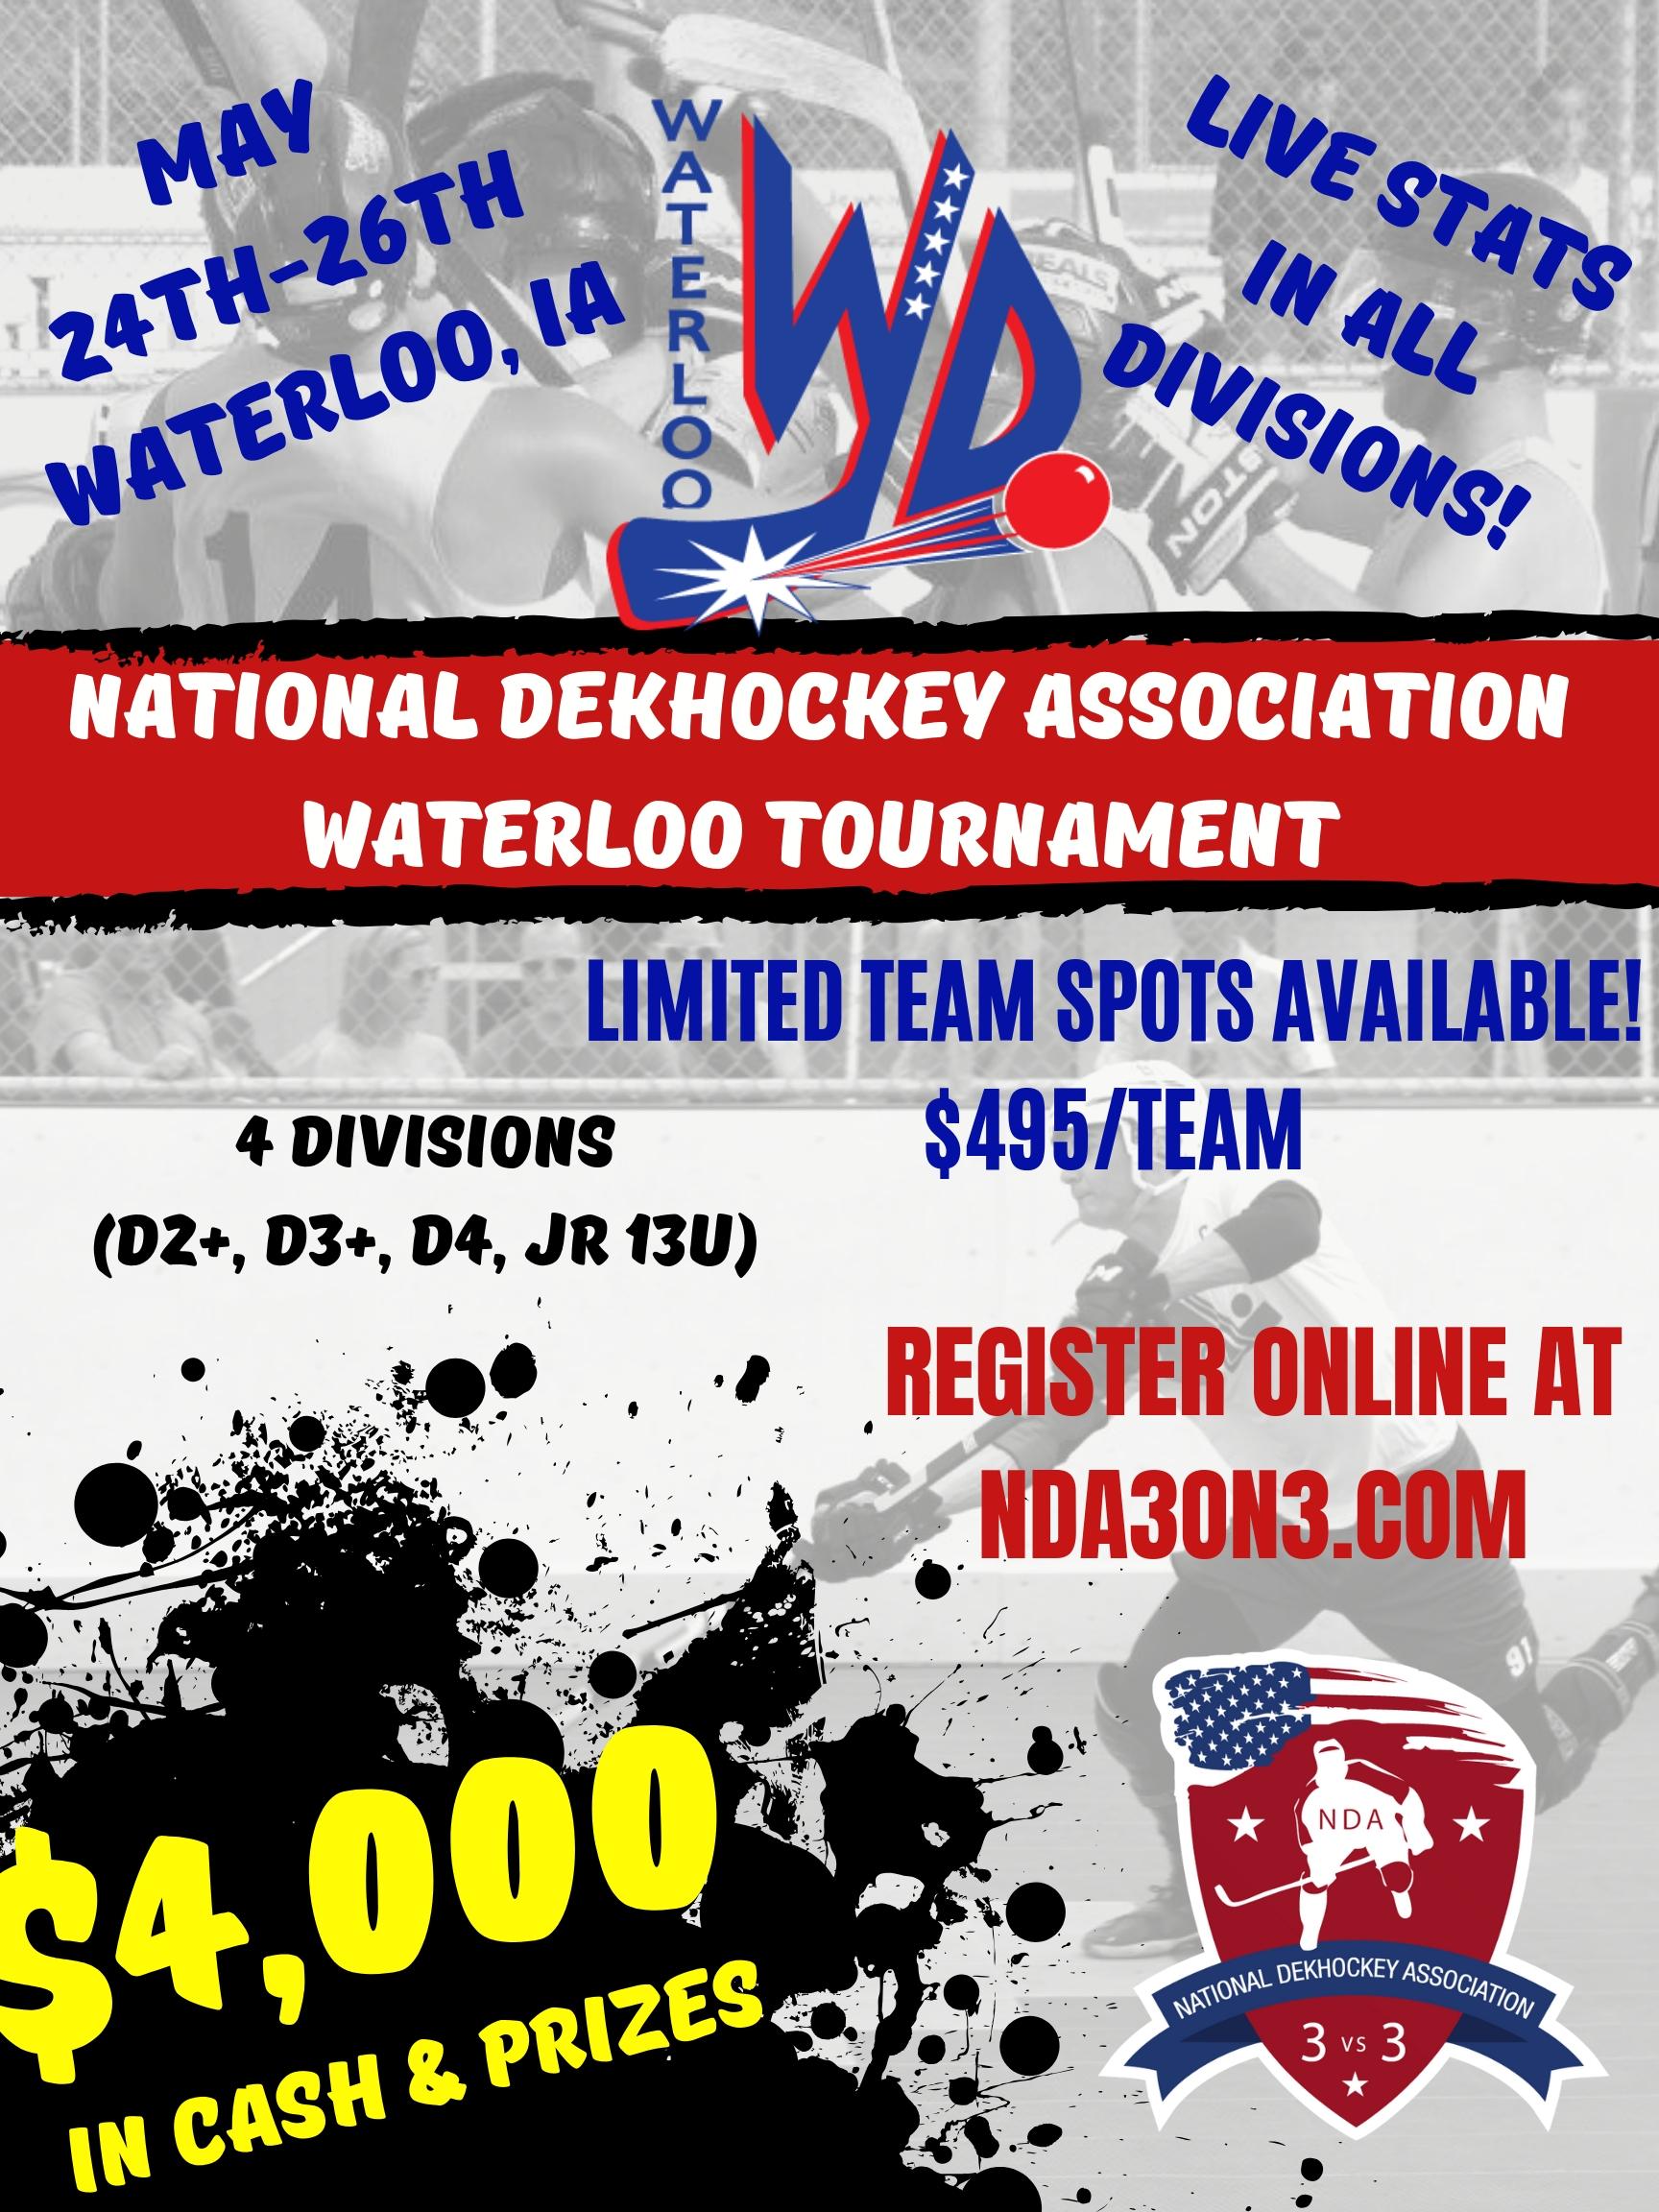 News - 2019 NDA WATERLOO DEKHOCKEY TOURNAMENT - Quad City